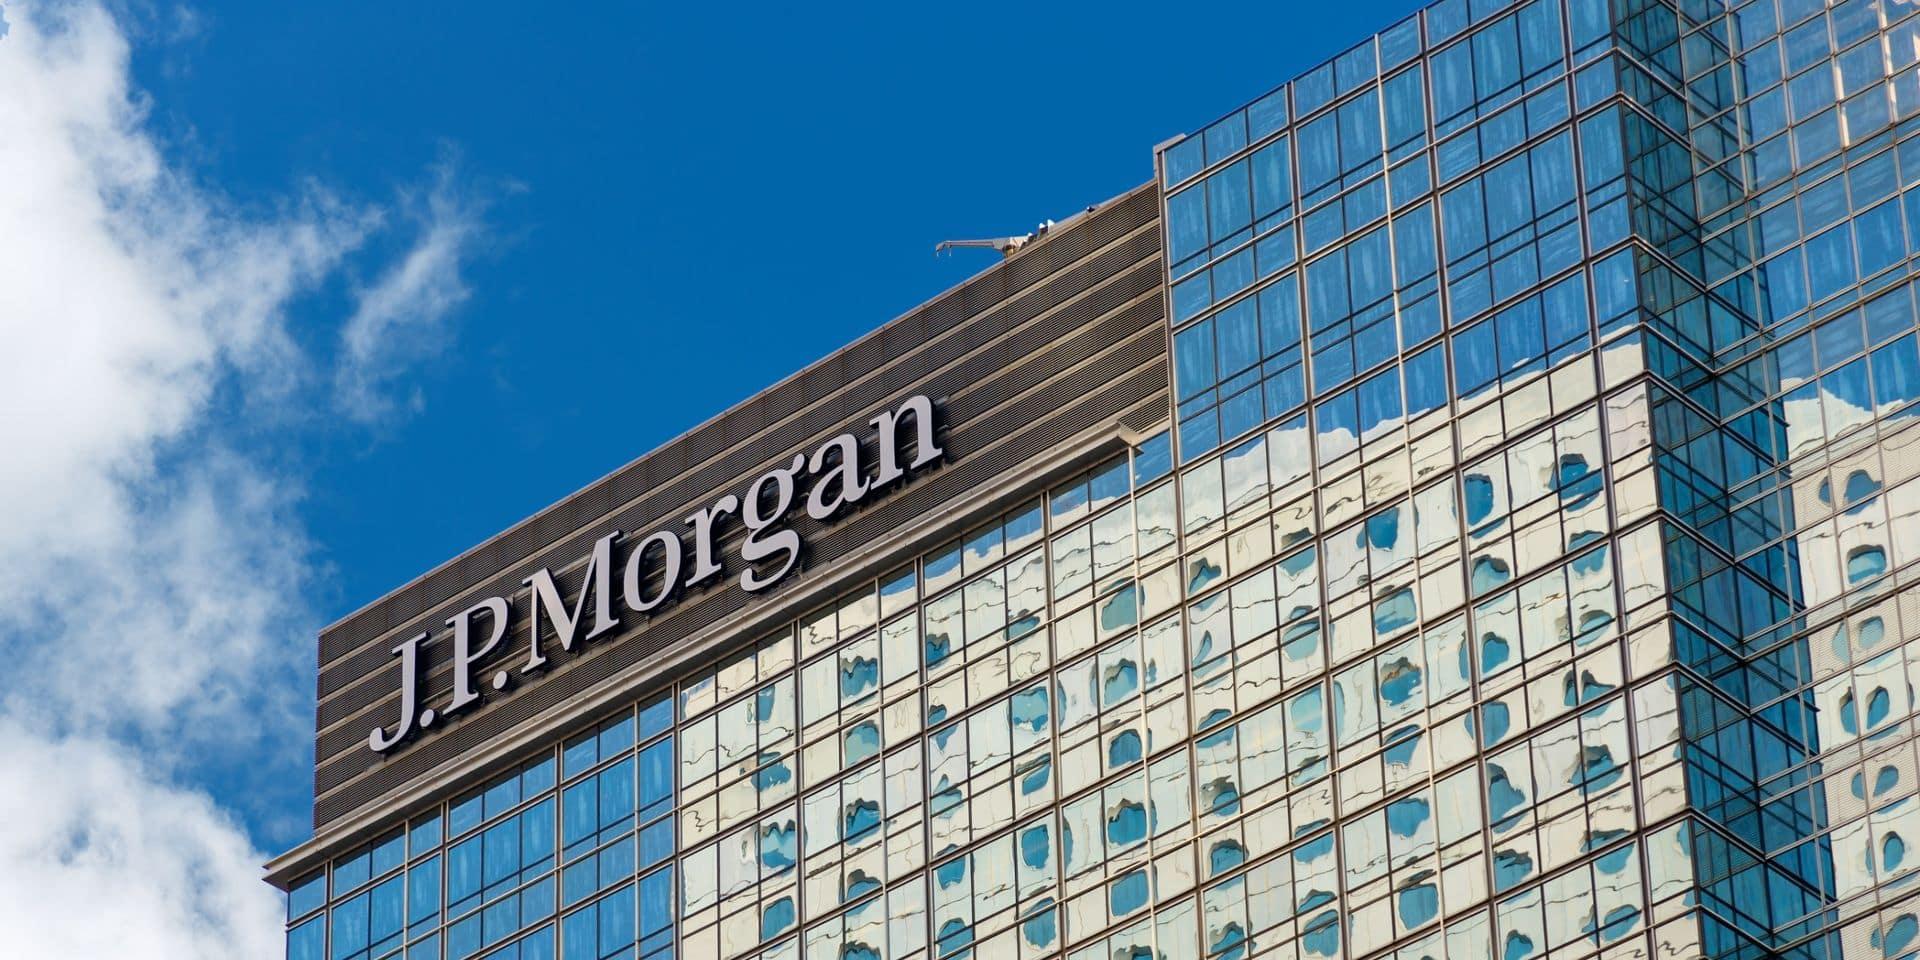 JPMorgan Chase dégage un bénéfice 2019 égal à la valeur de Ford à Wall Street